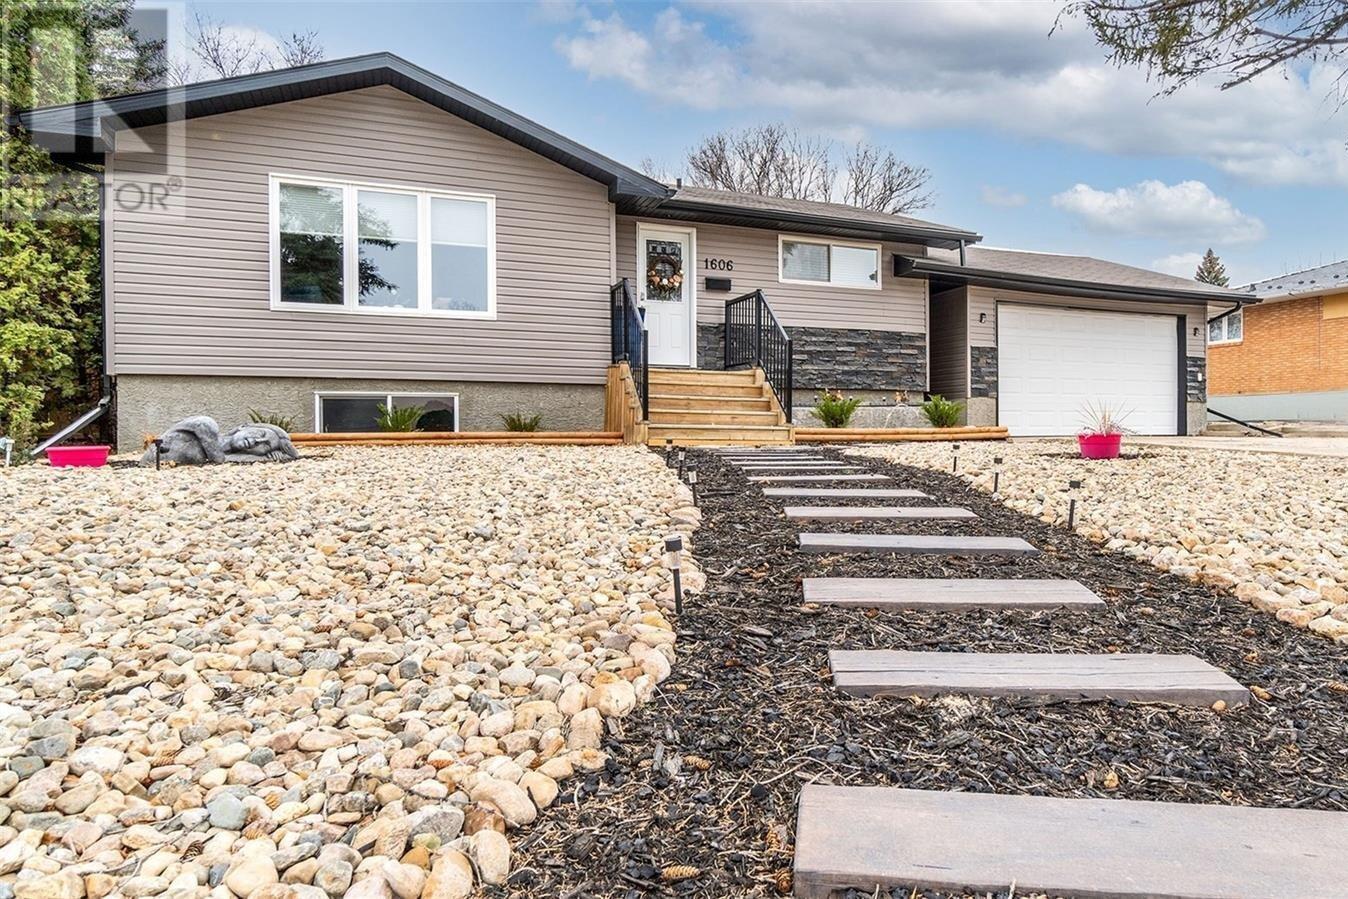 House for sale at 1606 Marshal Cres Moose Jaw Saskatchewan - MLS: SK833184